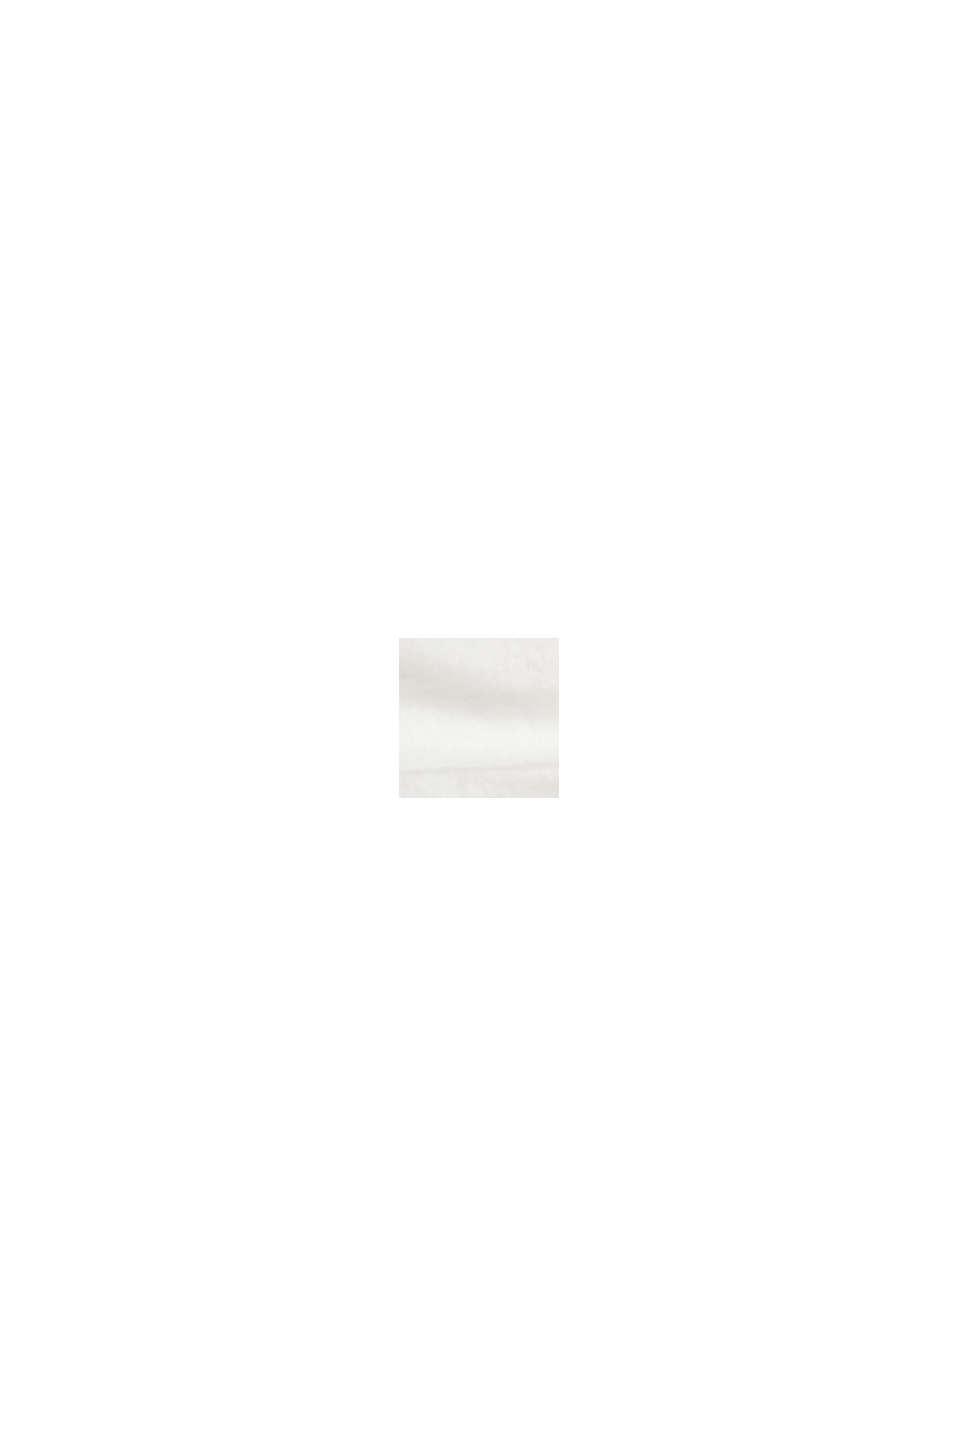 Maglia a manica lunga in 100% cotone biologico, OFF WHITE, swatch